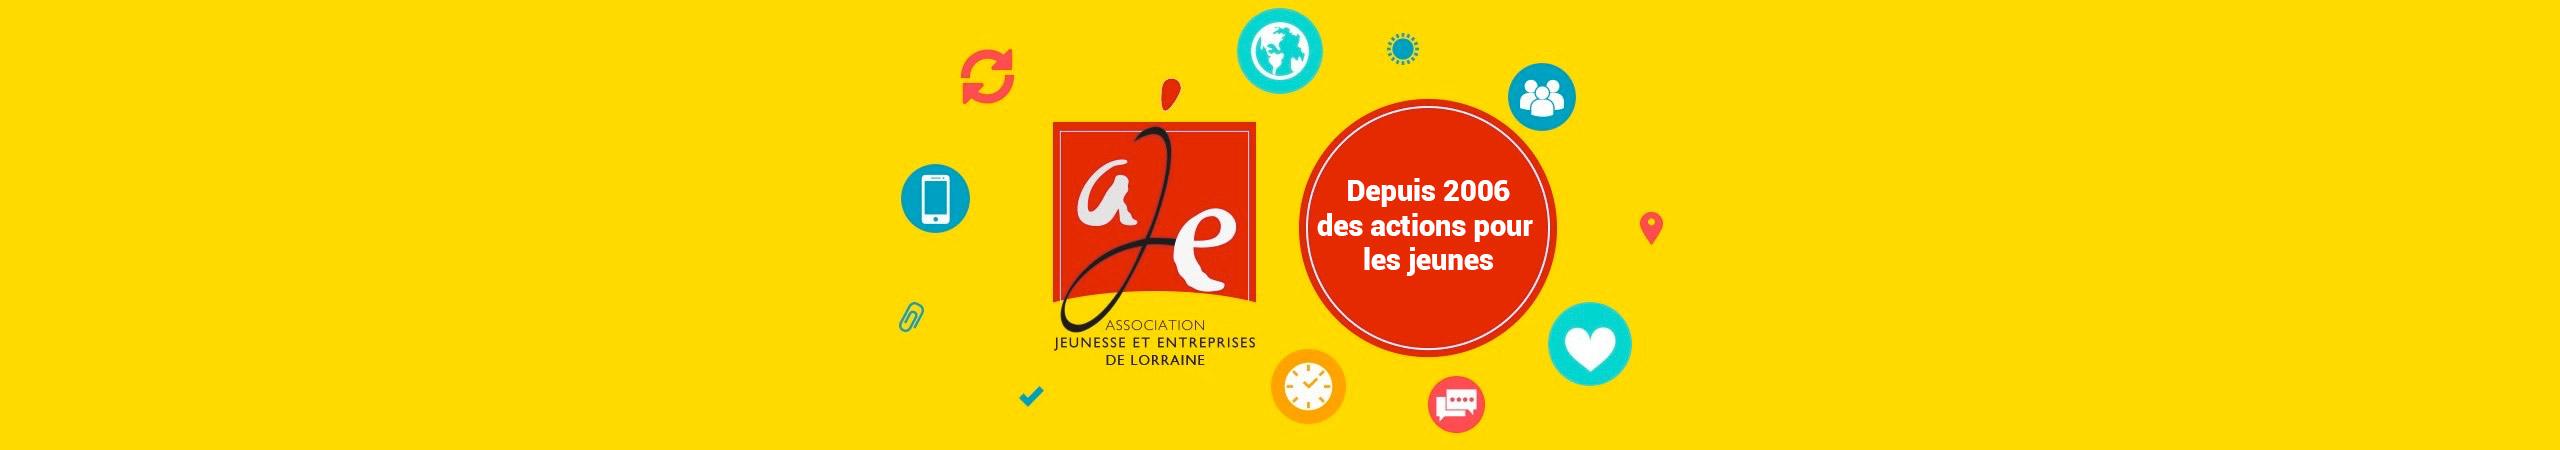 slide-depuis-2006-des-actions-pour-les-jeunes